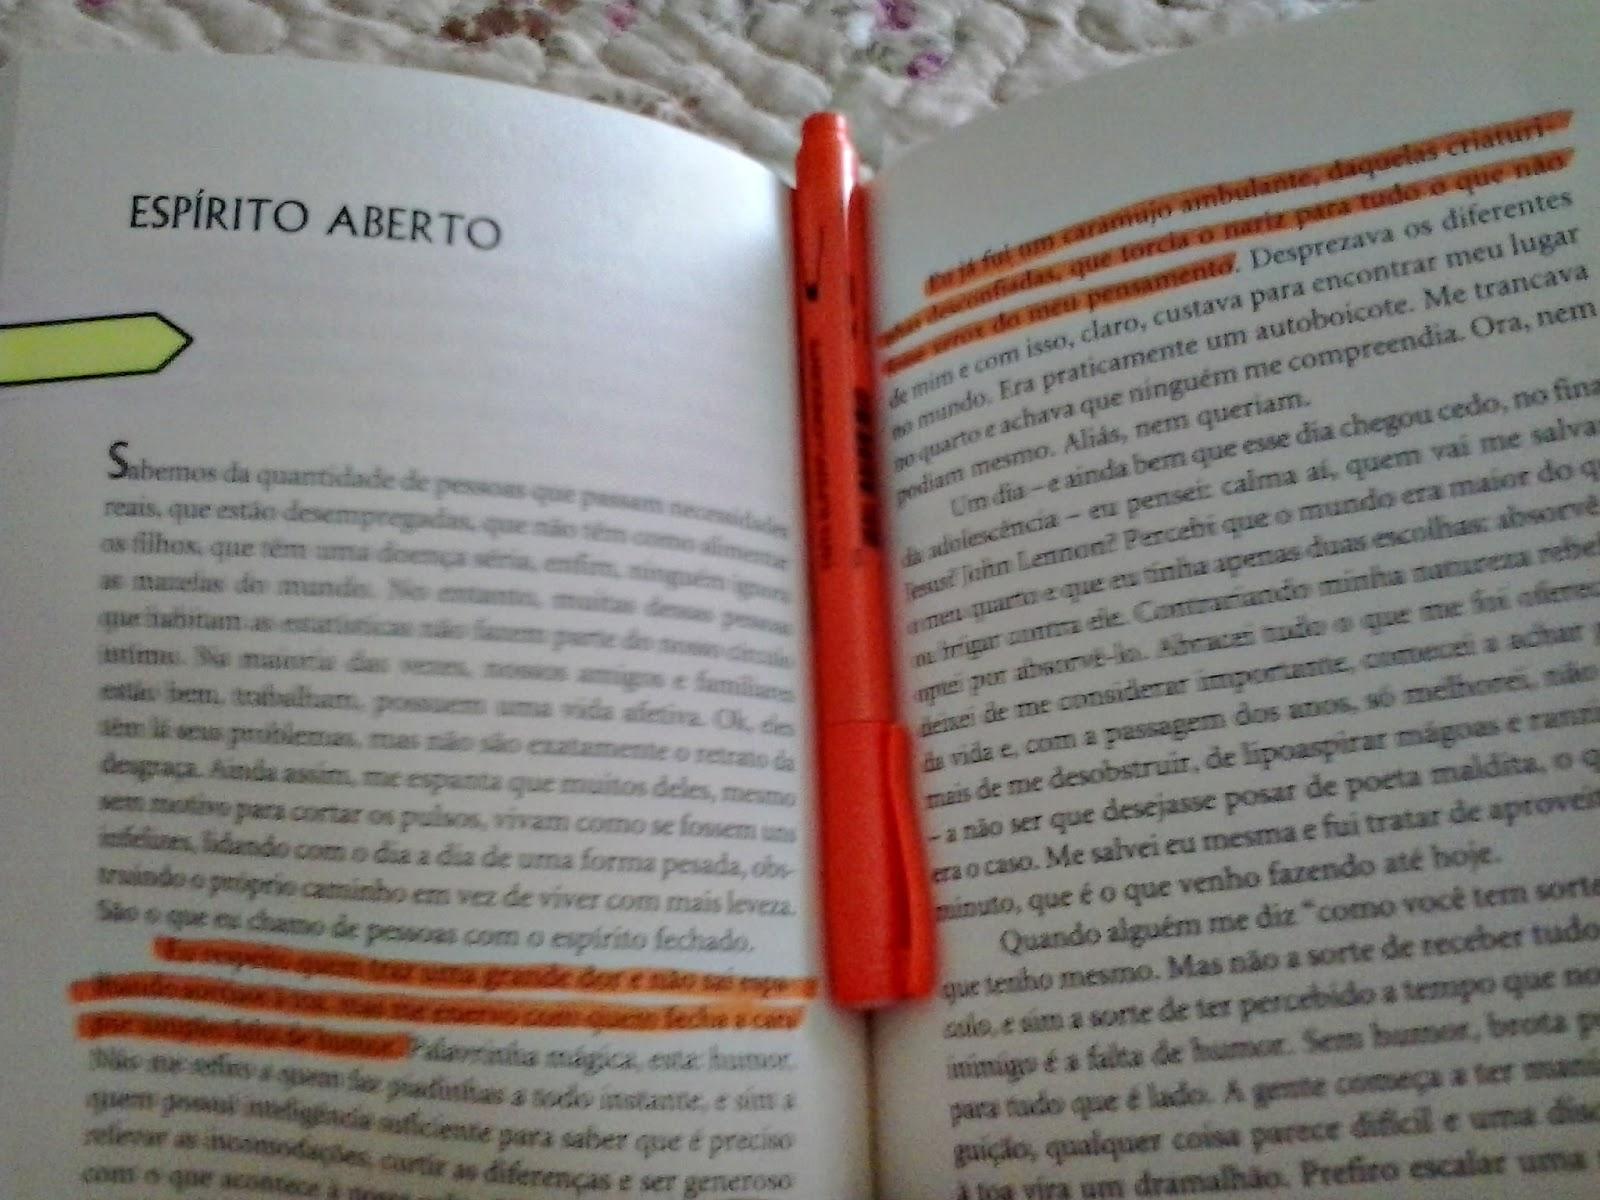 Sandra Falcão Livro Da Semana Doidas E Santas Da Martha Medeiros